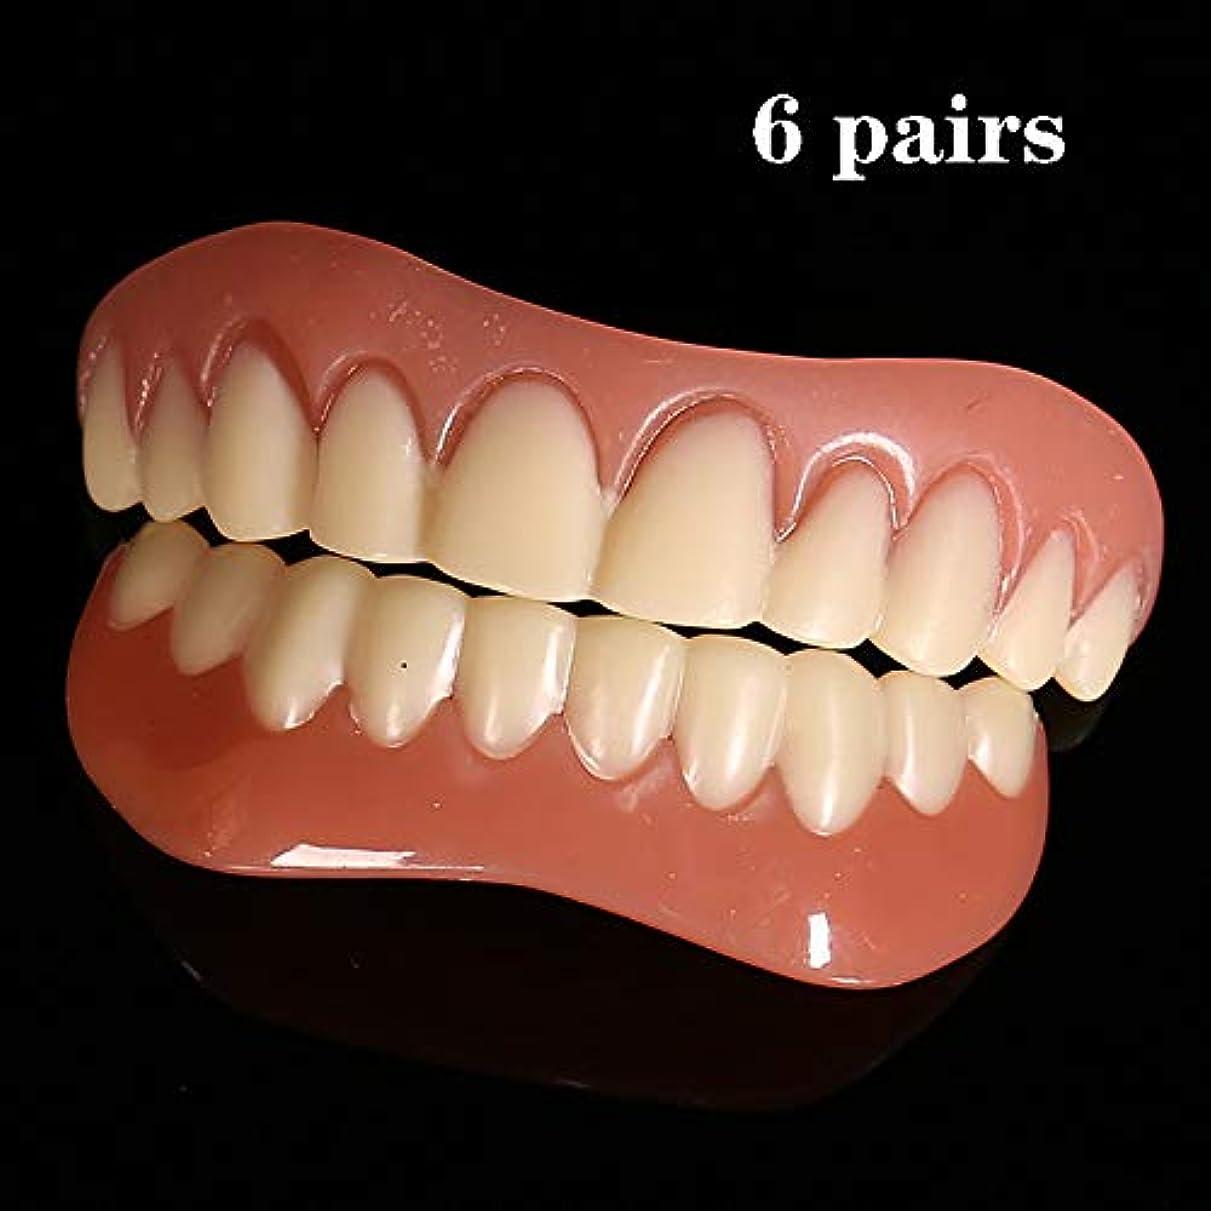 十一道路現在歯のベニヤ化粧品の歯スナップオンセキュア6ペア上下の快適さフィット歯のベニヤセキュアインスタントスマイル化粧品ワンサイズ全ての義歯ケアツールにフィット